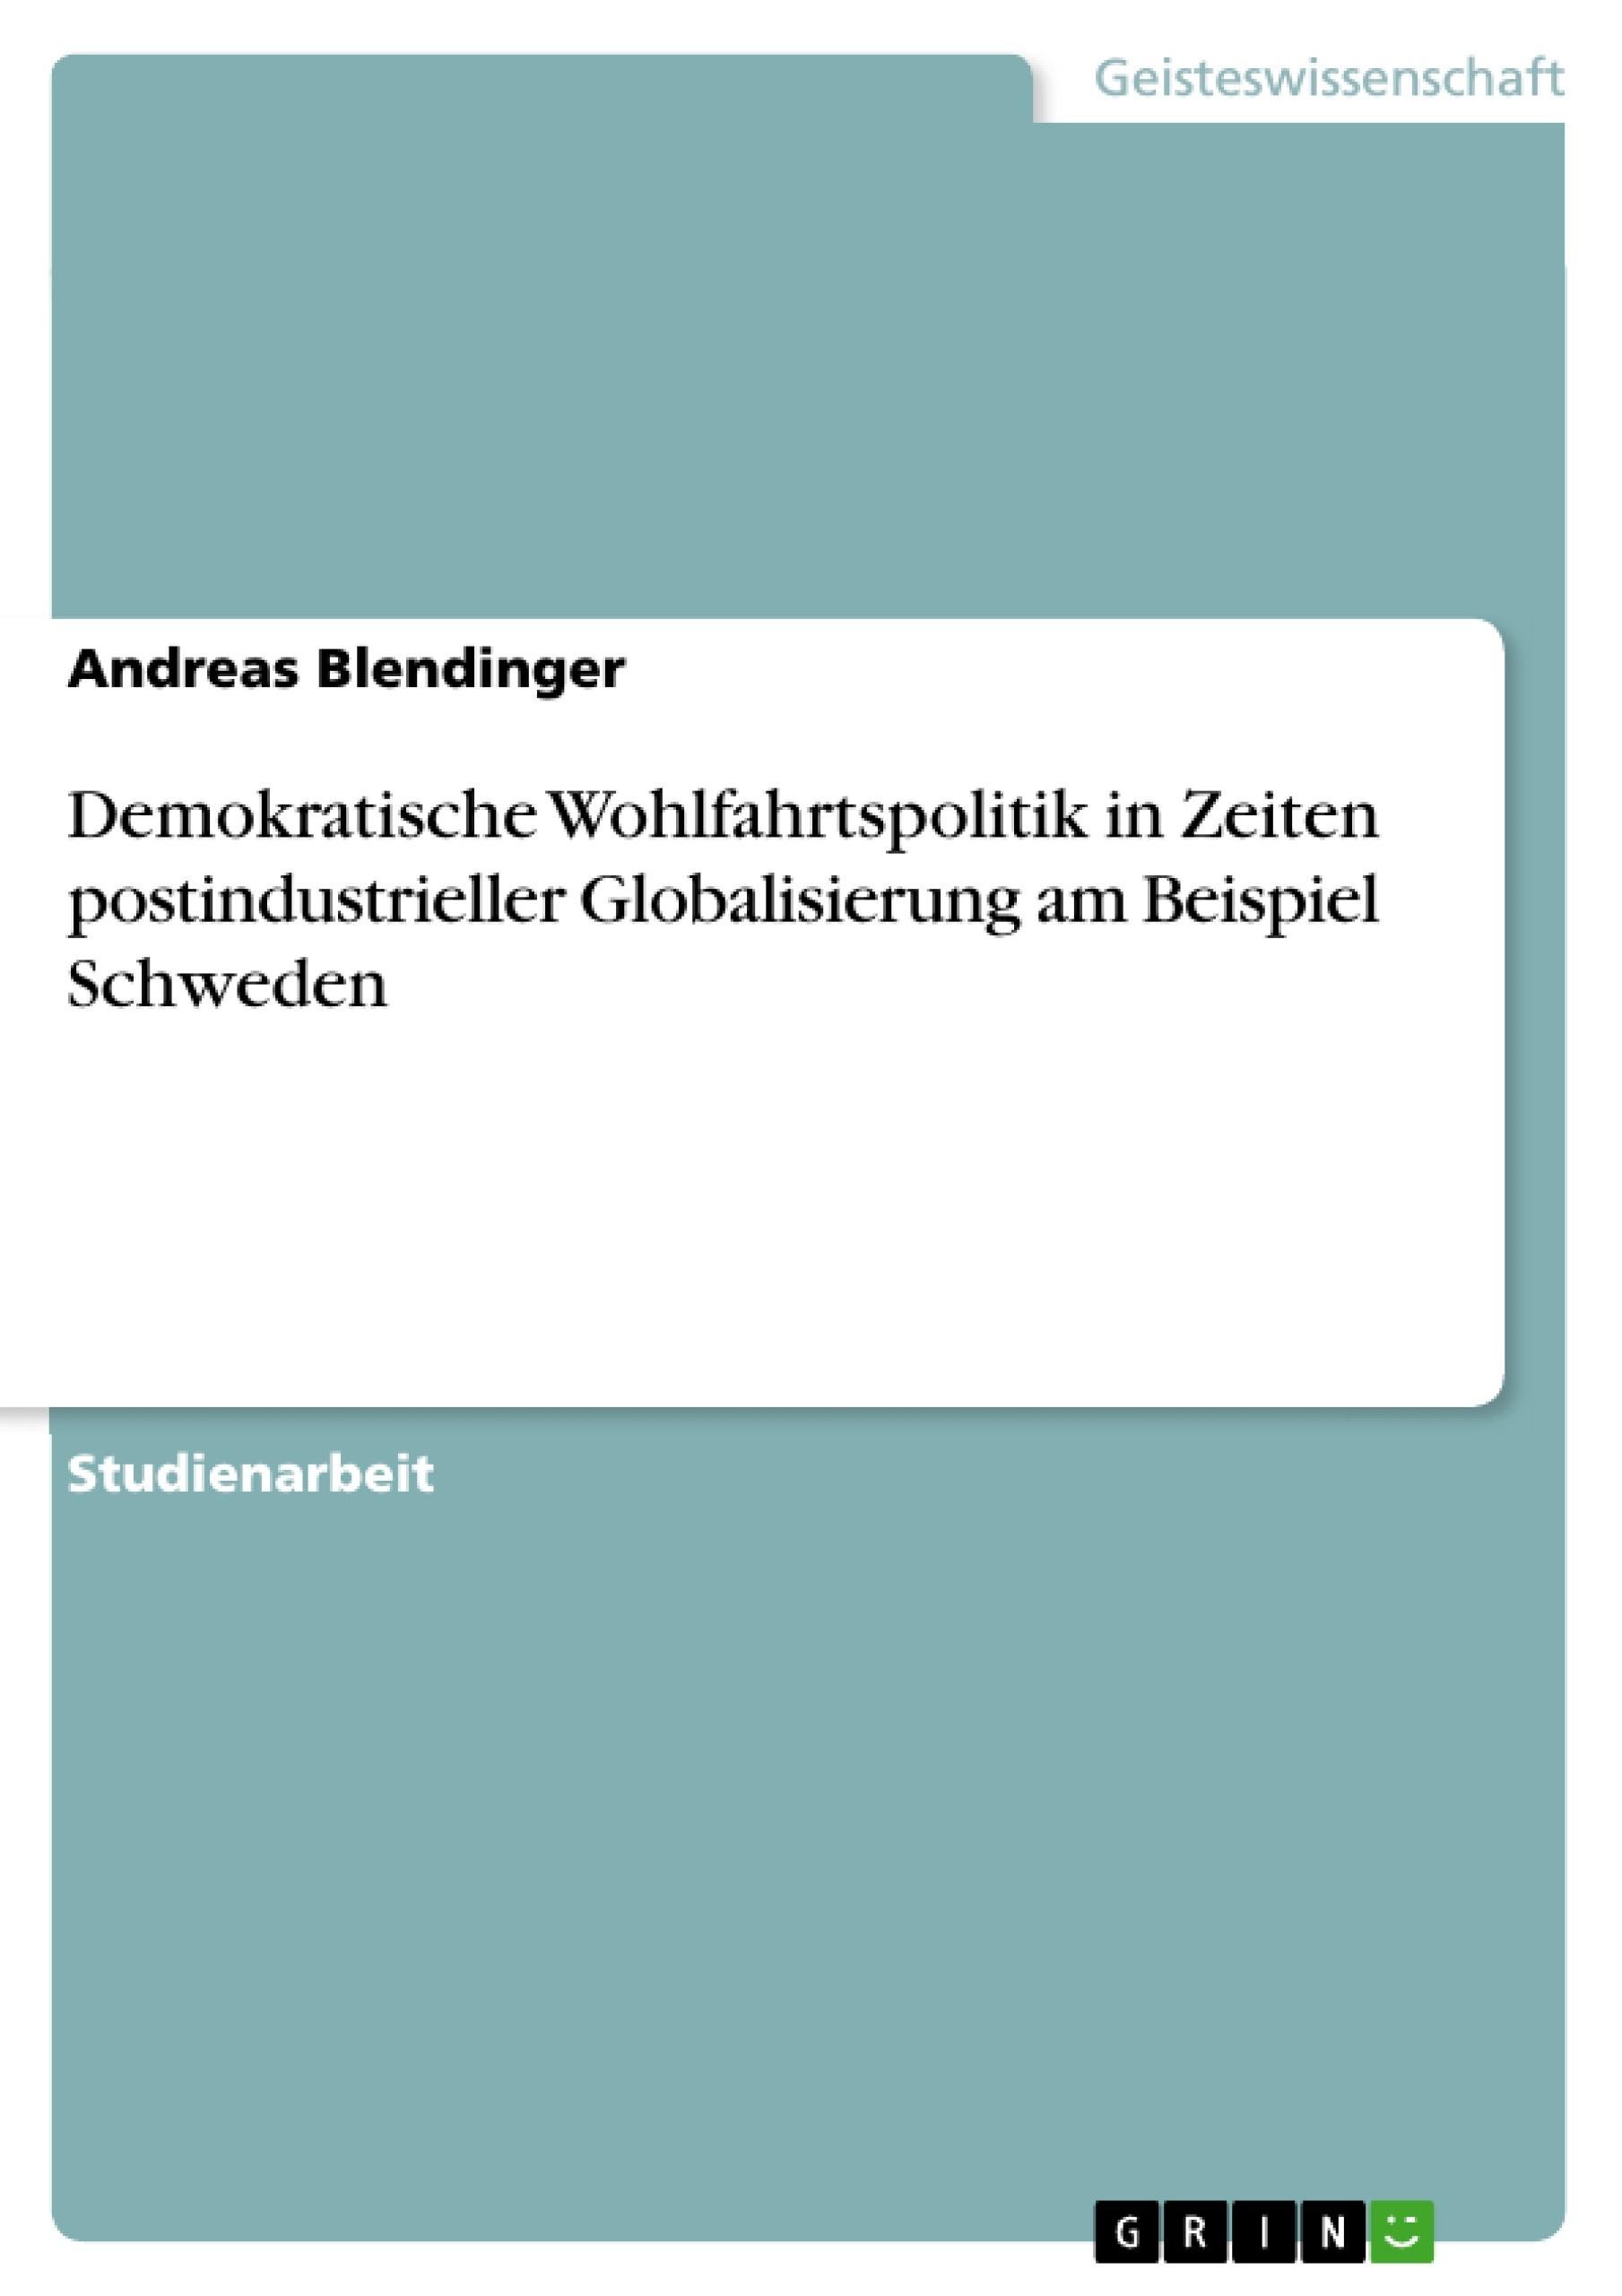 Titel: Demokratische Wohlfahrtspolitik in Zeiten postindustrieller Globalisierung am Beispiel Schweden